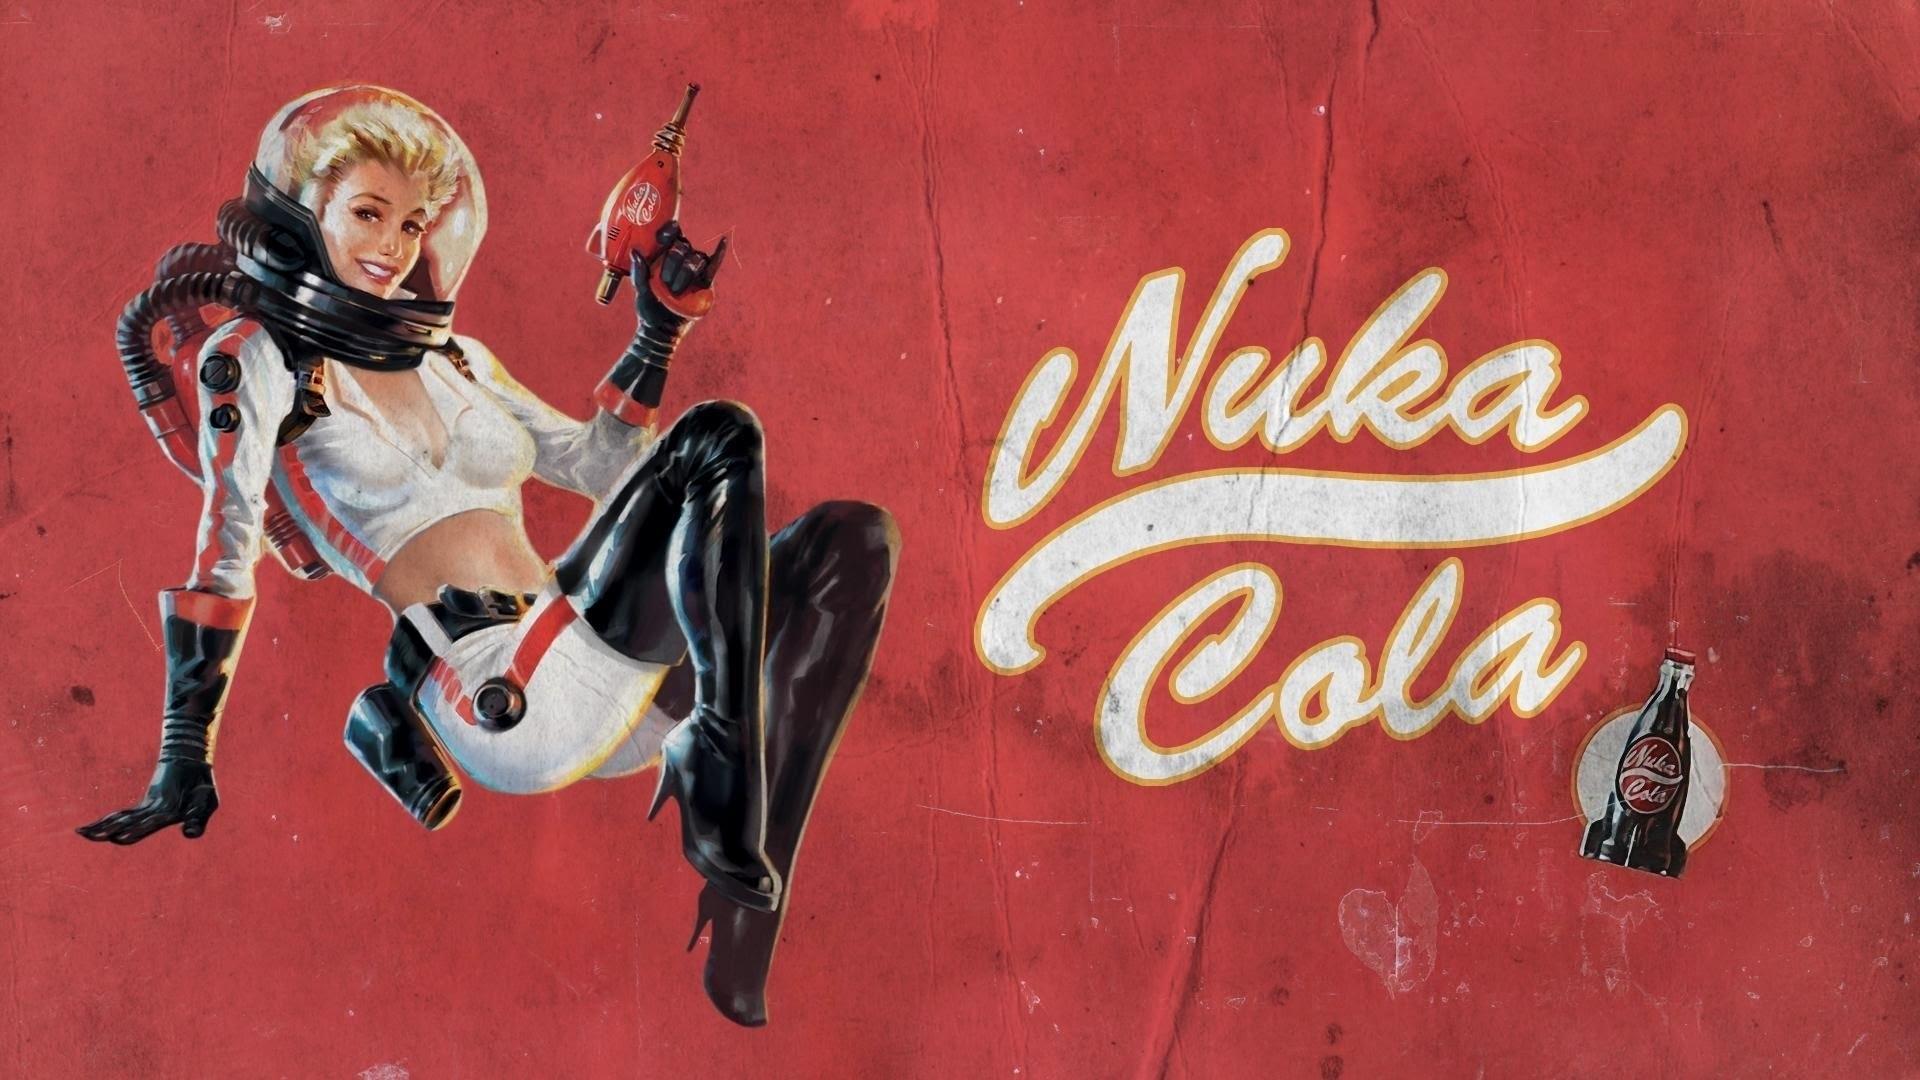 10 nuka cola fonds d'écran hd | arrière-plans - wallpaper abyss